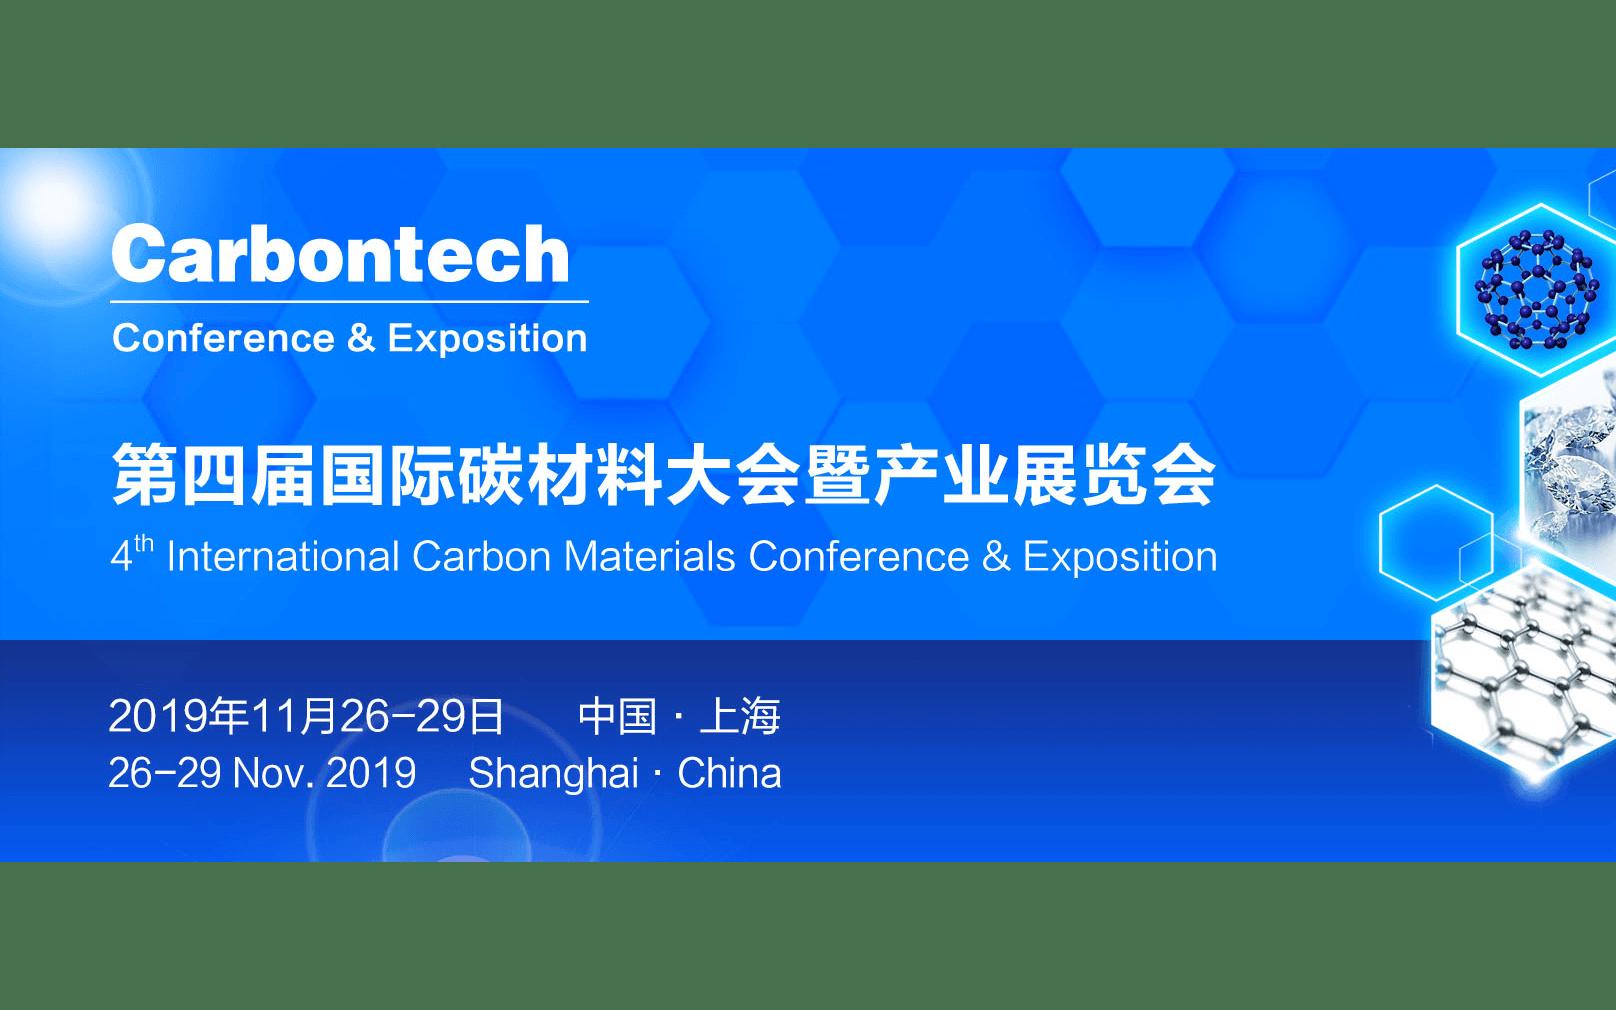 Carbontech 2019(上海)石墨烯及碳纳米材料论坛——热管理、电磁屏蔽、复合材料